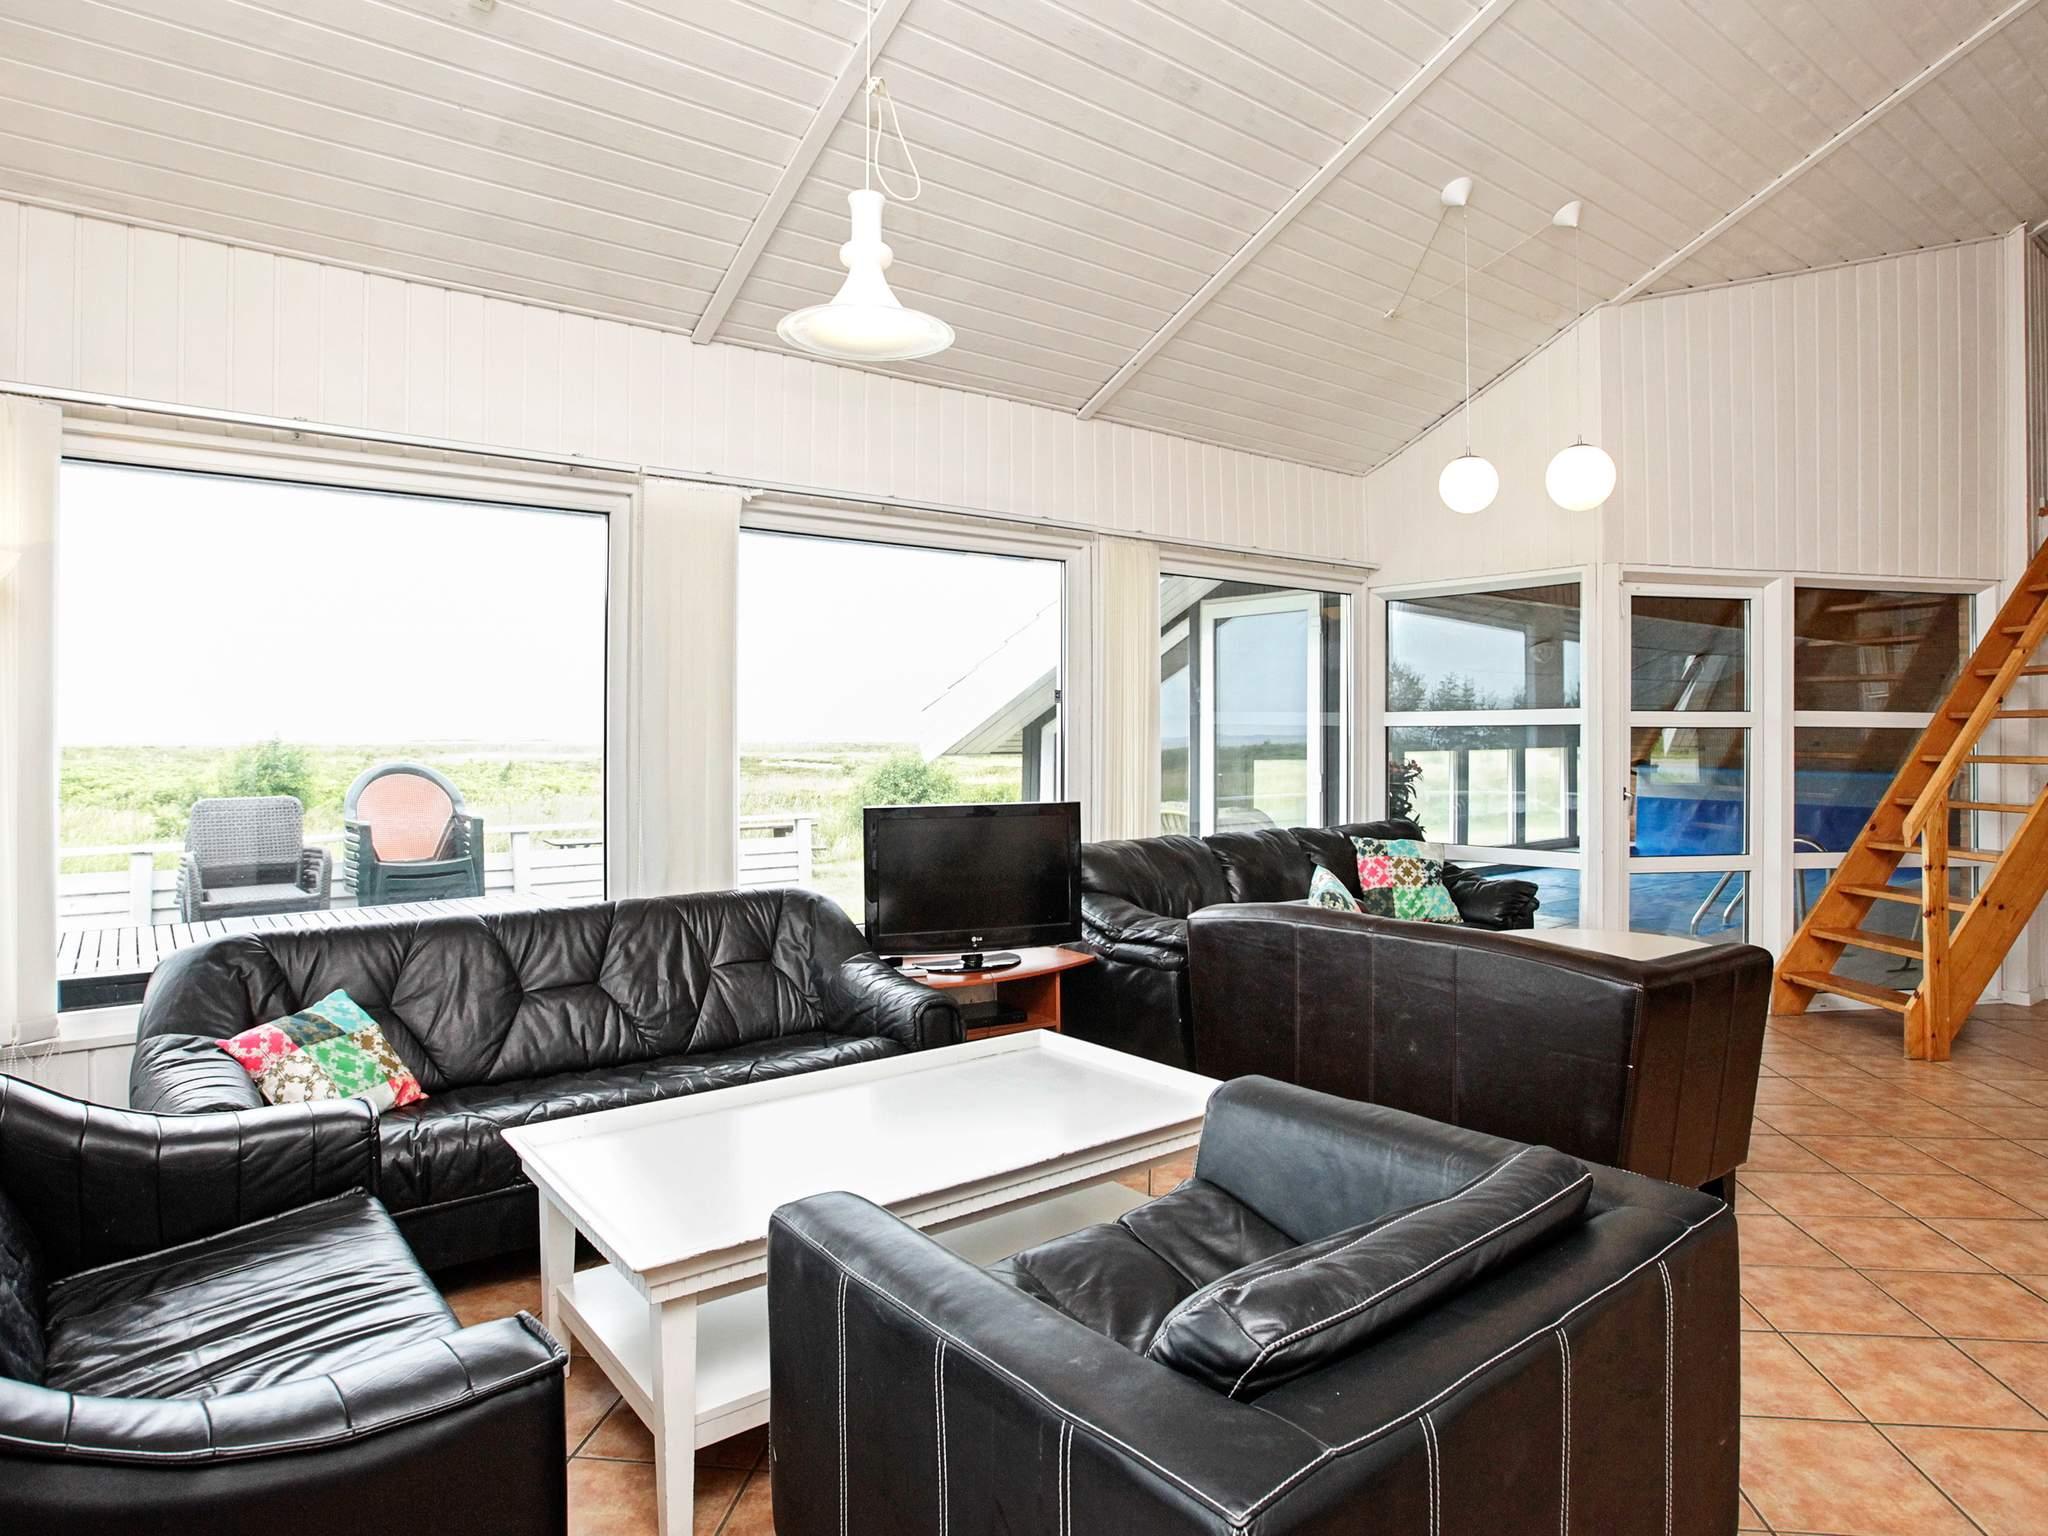 Ferienhaus Trend (81953), Løgstør, , Limfjord, Dänemark, Bild 2